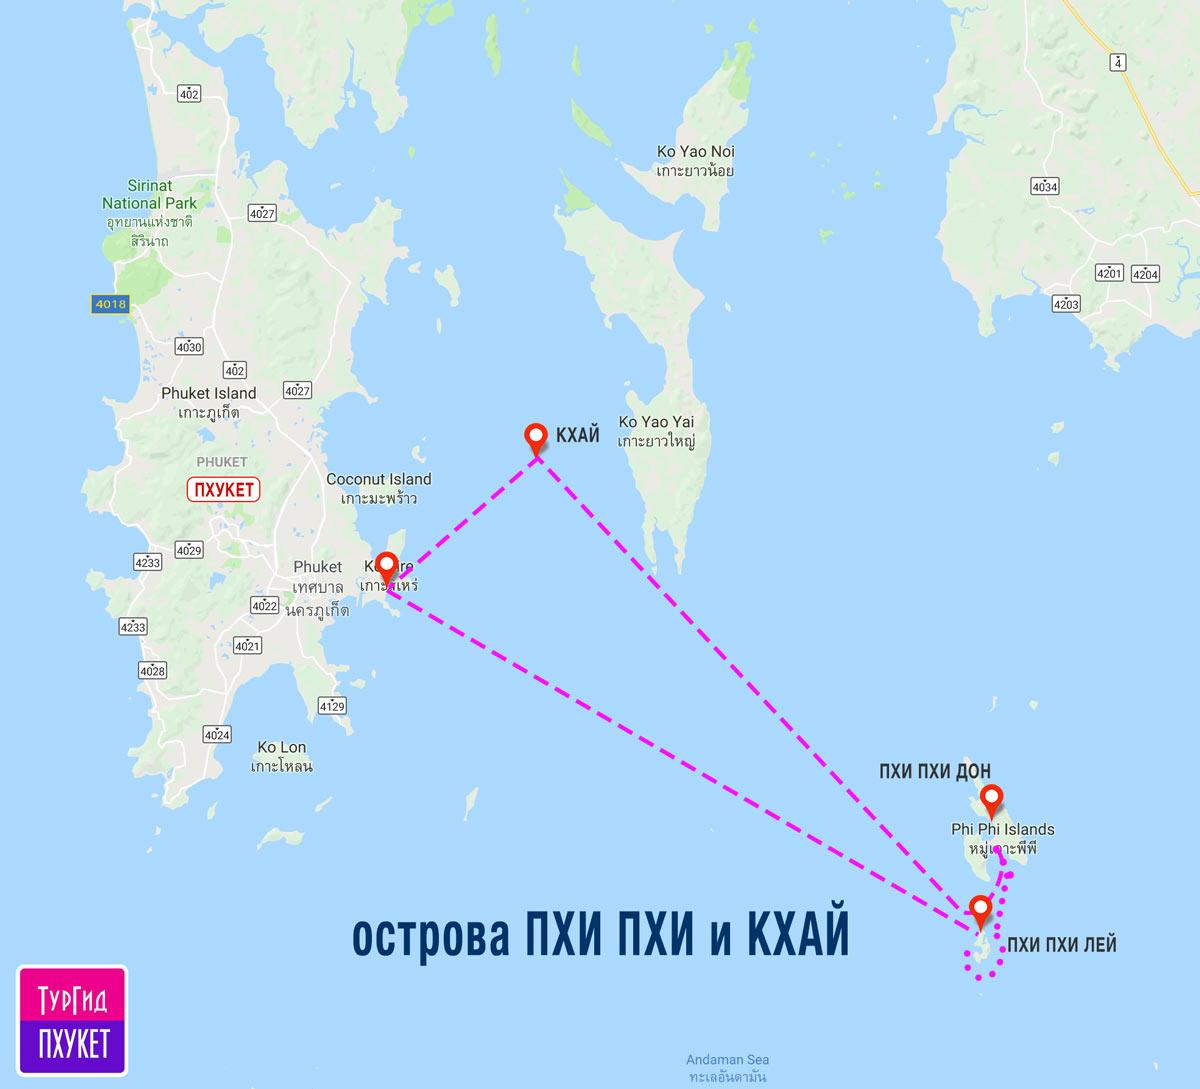 карта экскурсии по островам Пхи Пхи и Кхай